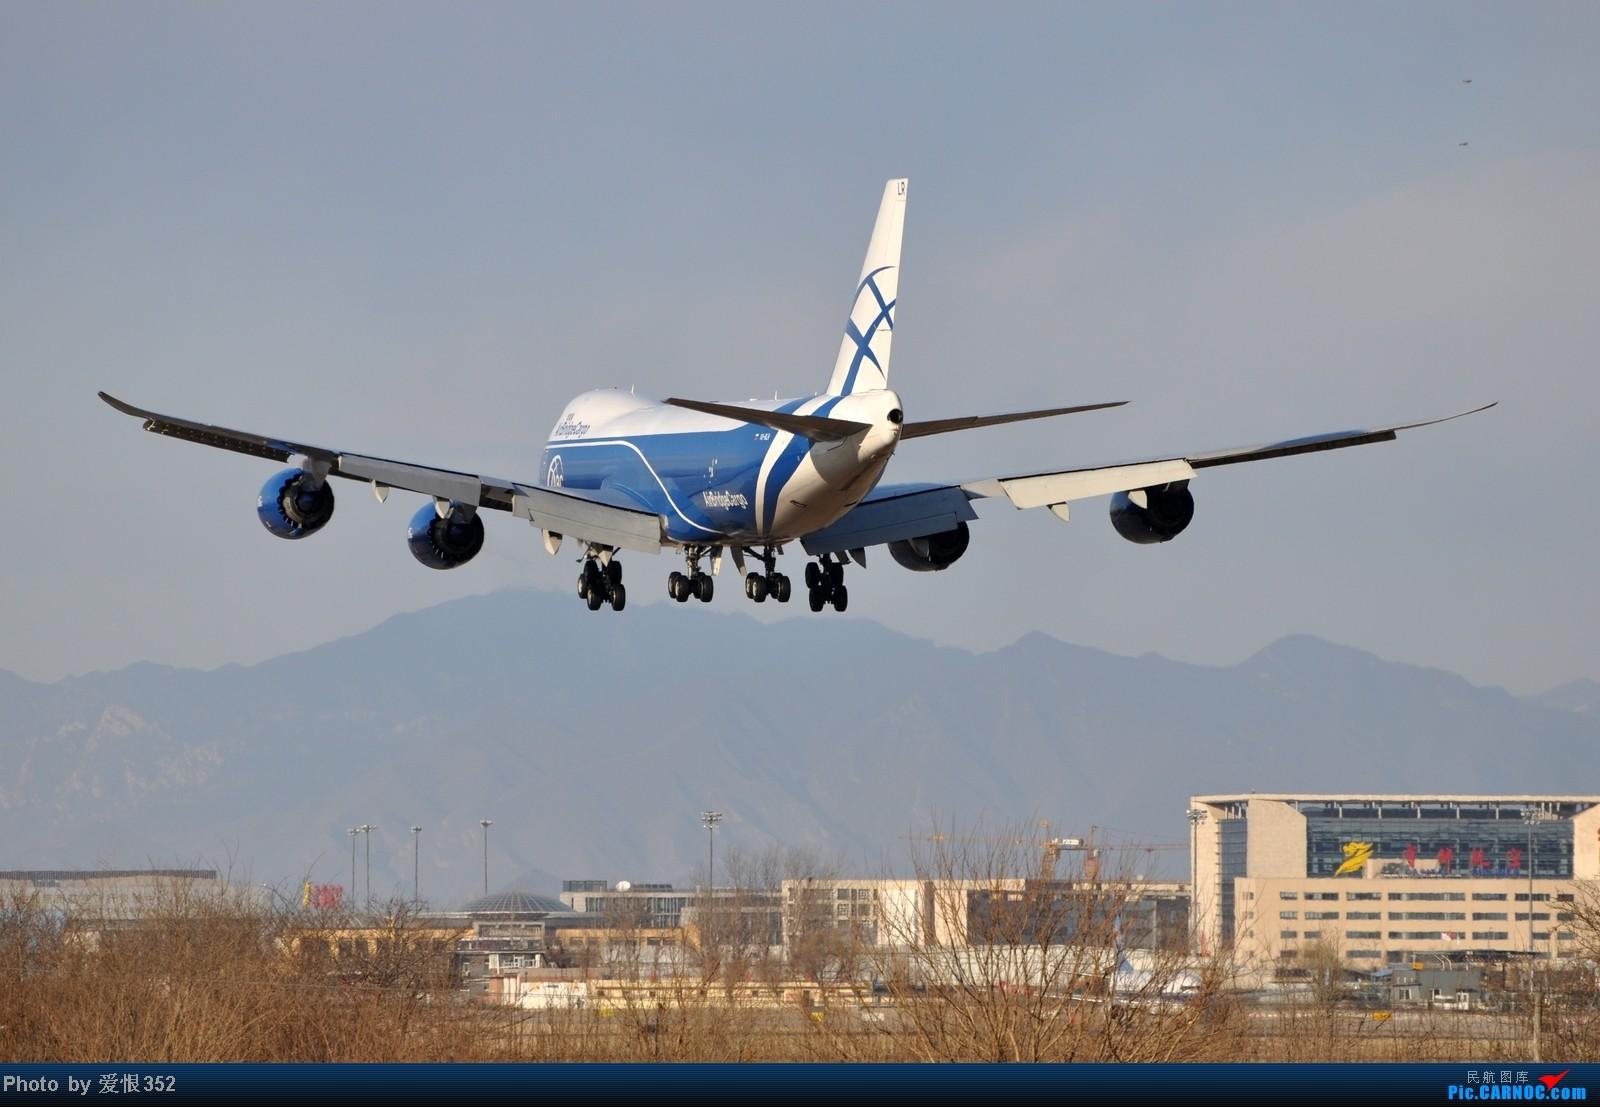 Re:[原创]意外遇到俄罗斯空桥货运航空波音747-8F VQ-BLR进港 ZBAA 36L 747-8F VQ-BLR 中国北京首都机场